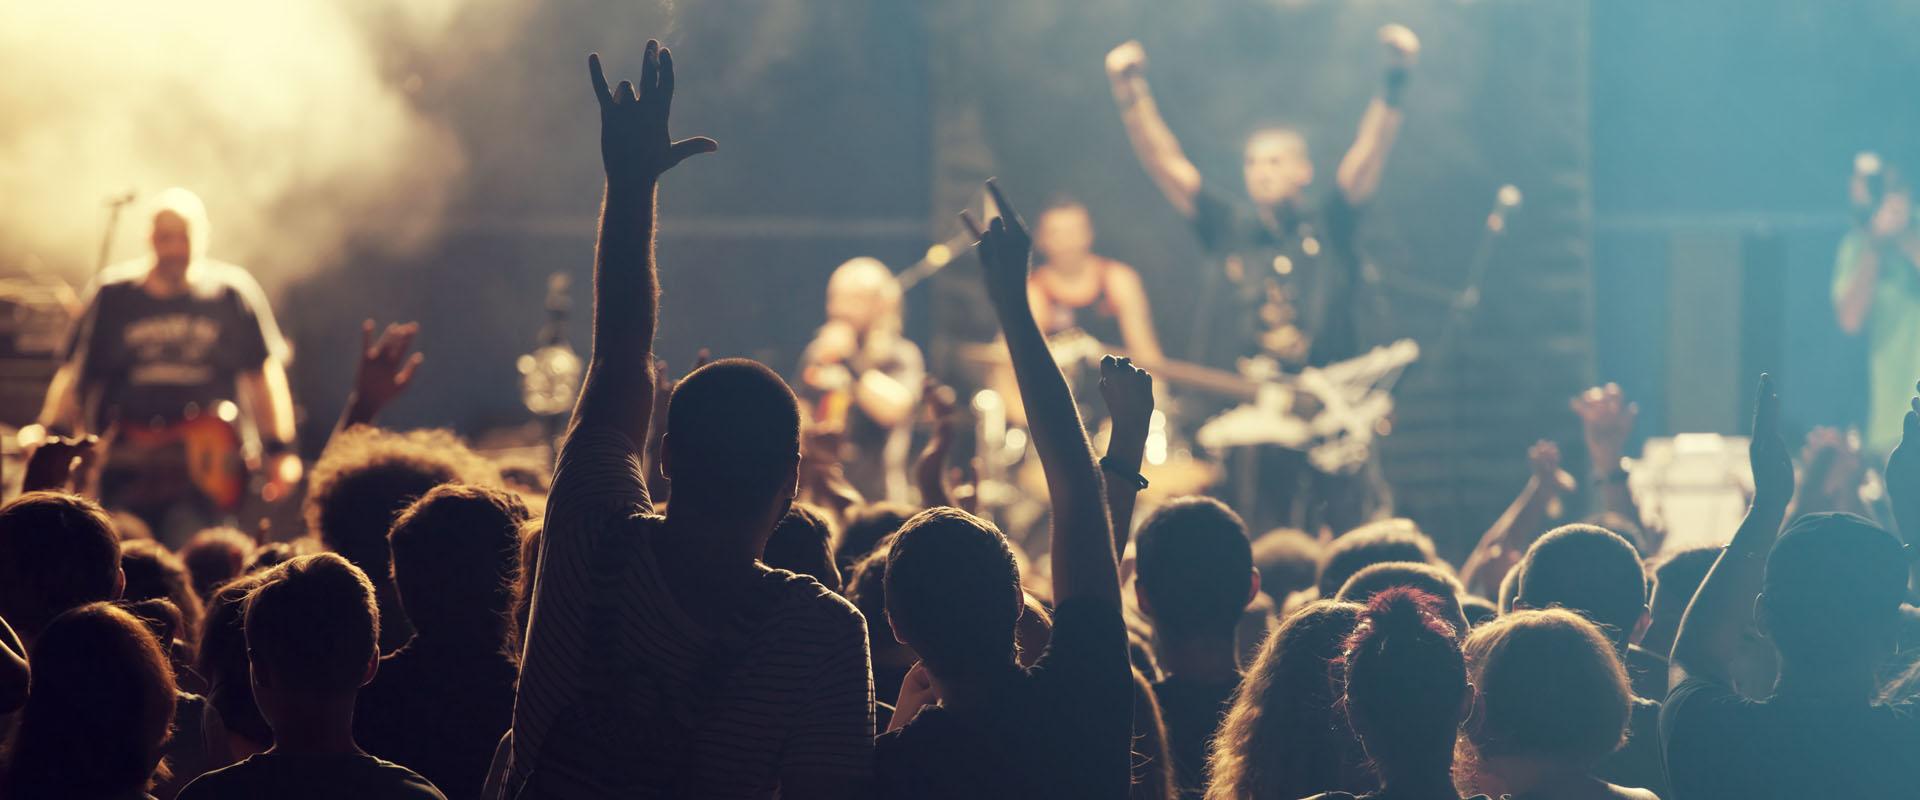 ¡Celebremos el Día Mundial del Rock!